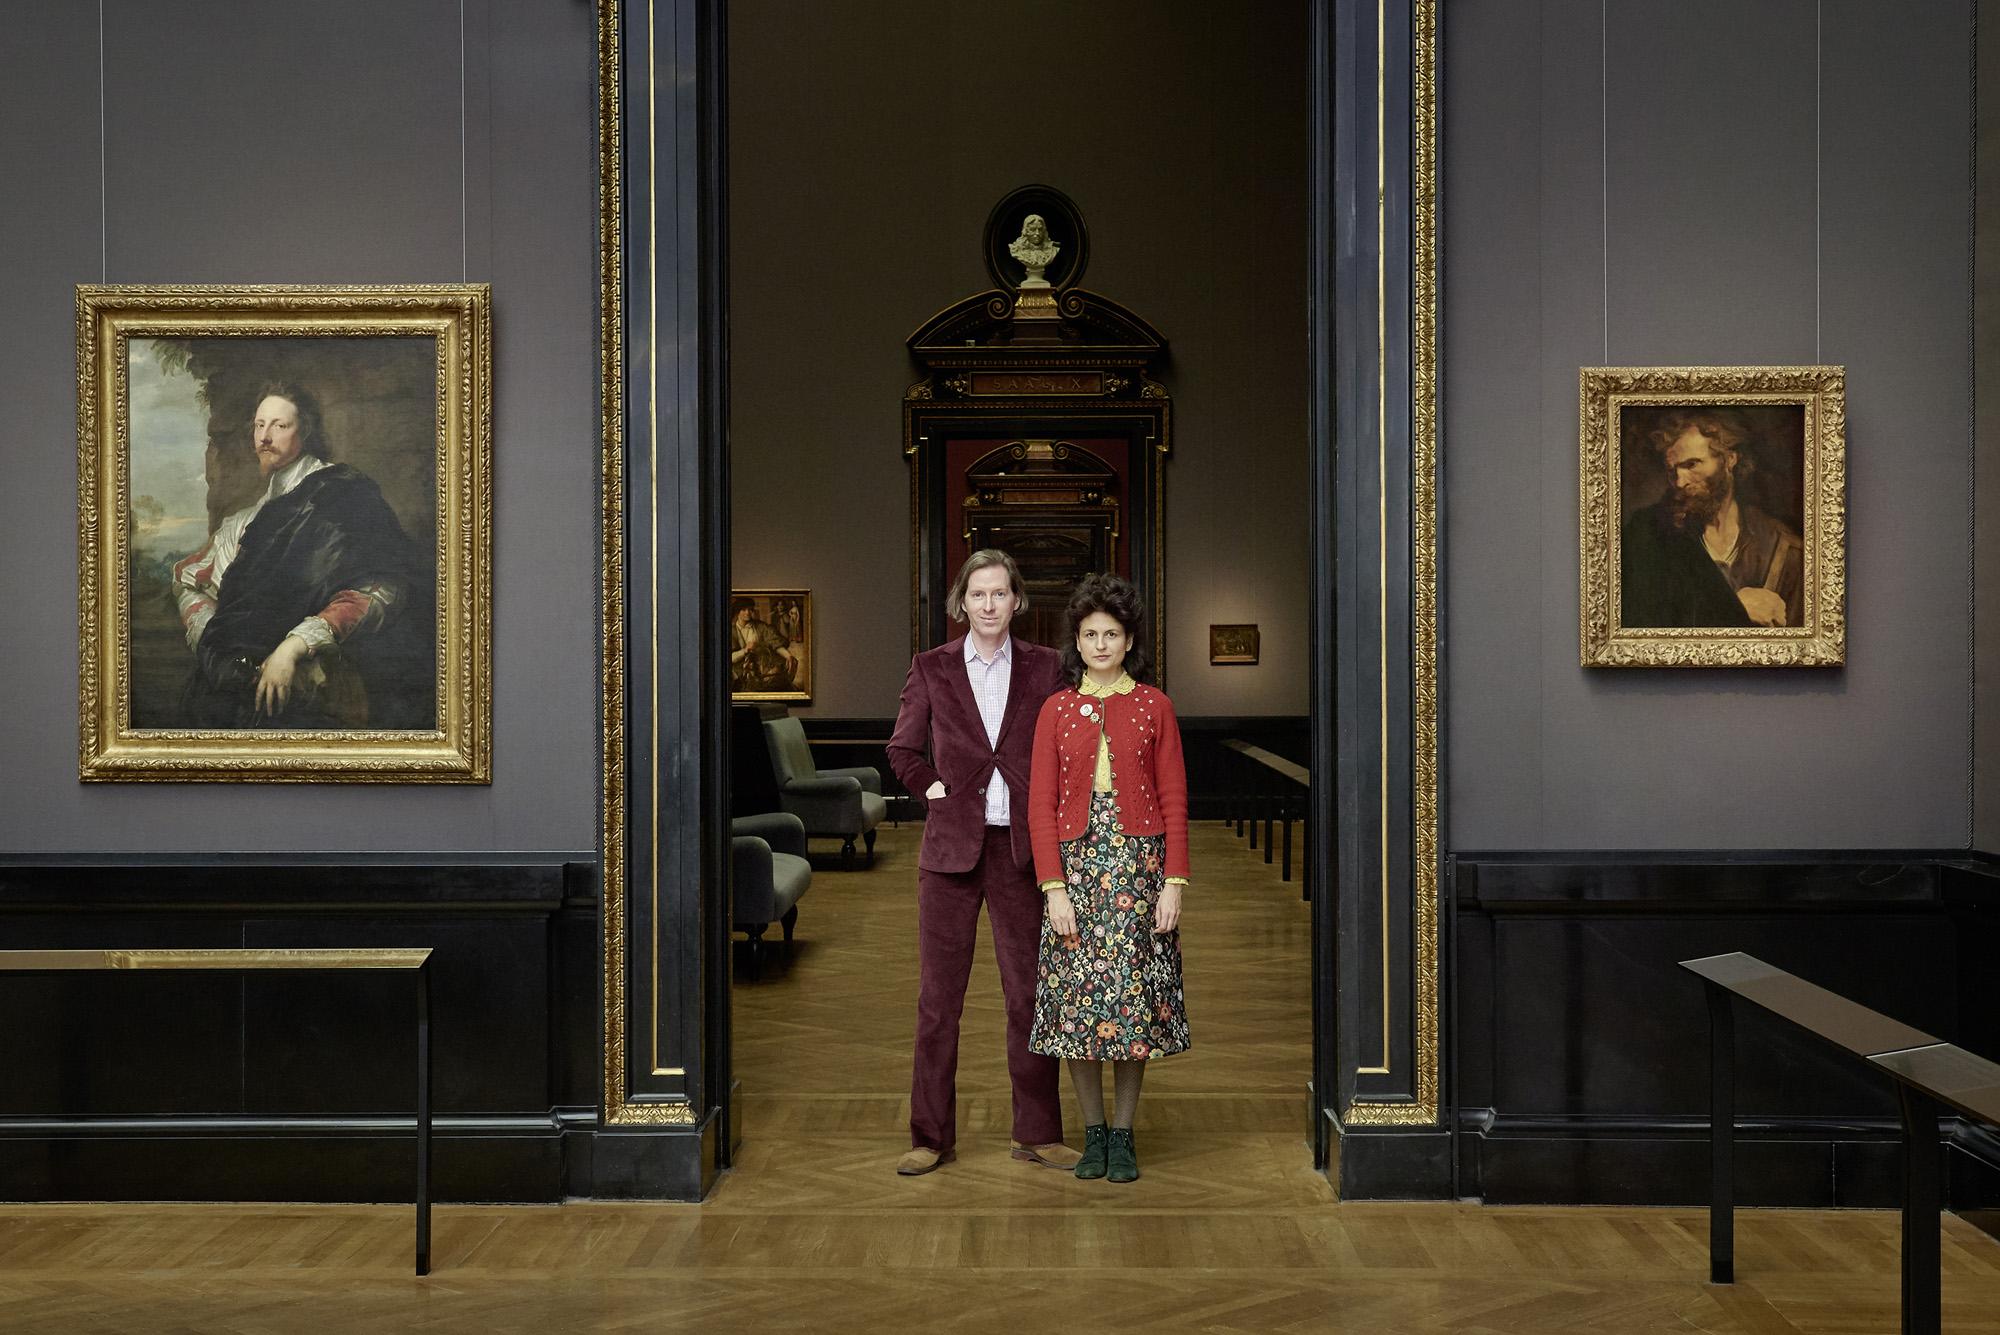 """【华丽通告】Prada 基金会联合维也纳艺术史博物馆在米兰举办""""棺中的木乃伊及其它宝藏""""展览"""